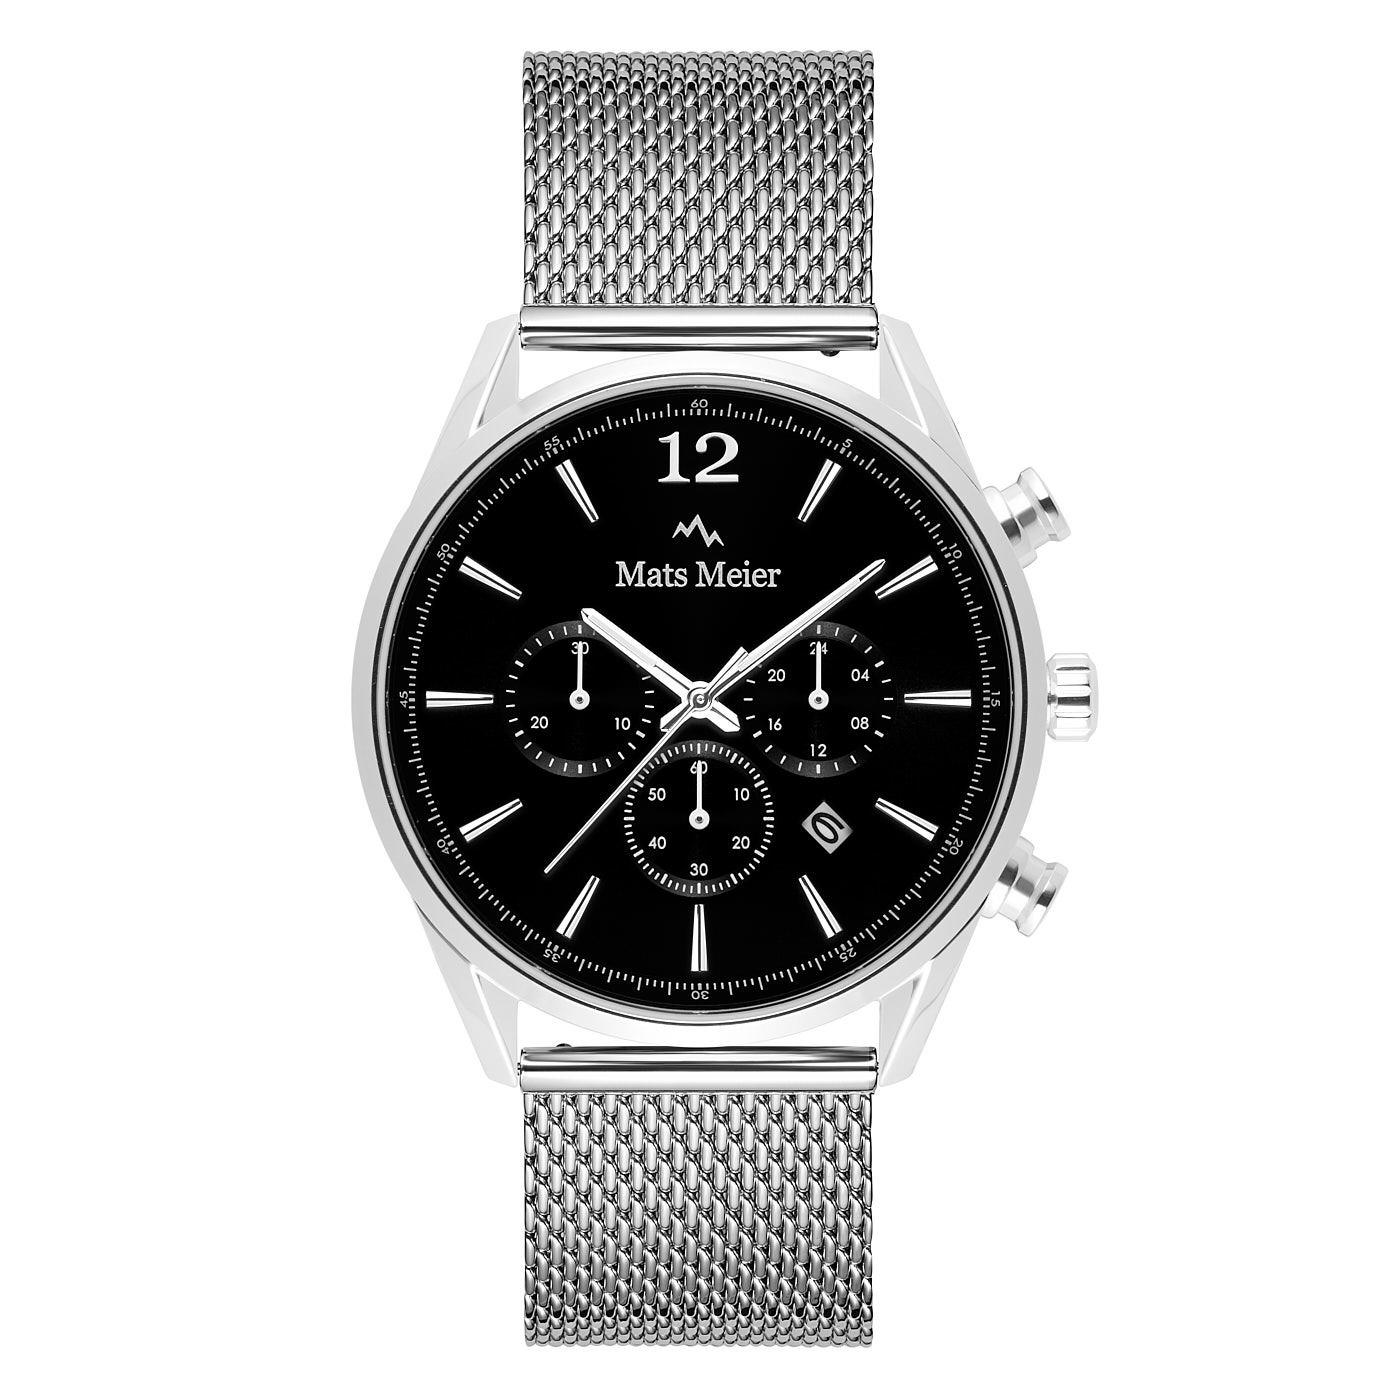 Mats Meier Grand Combin montre chronographe et boîte à montres